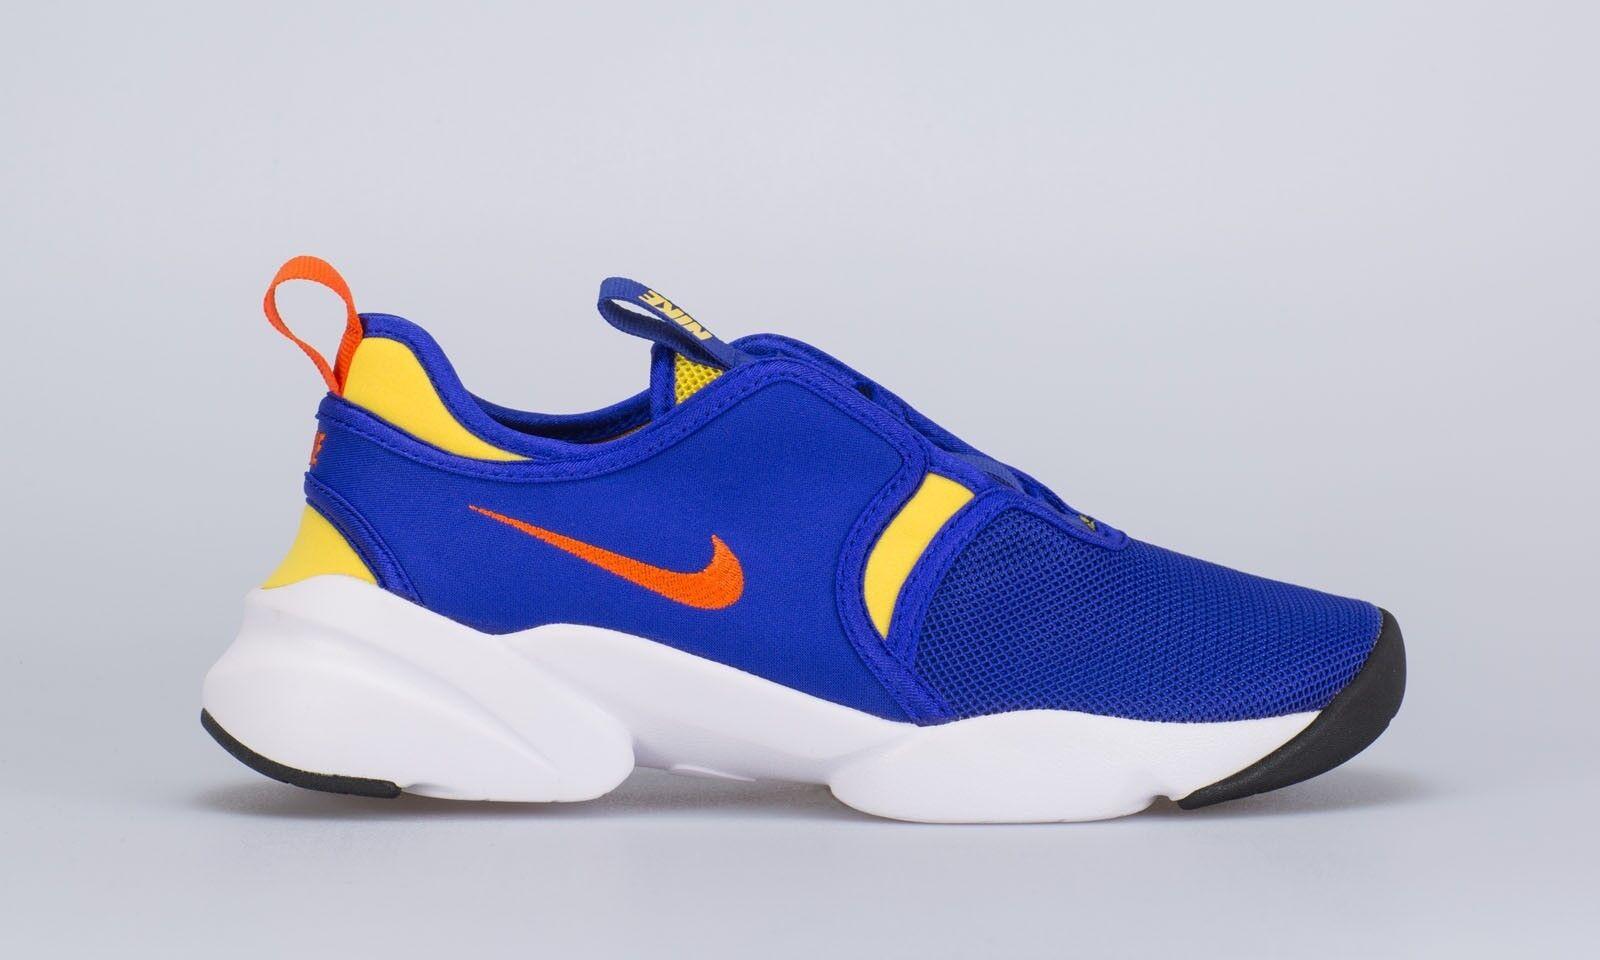 Nike loden concord college orange mais frauen schuhe us - größen 896298-400